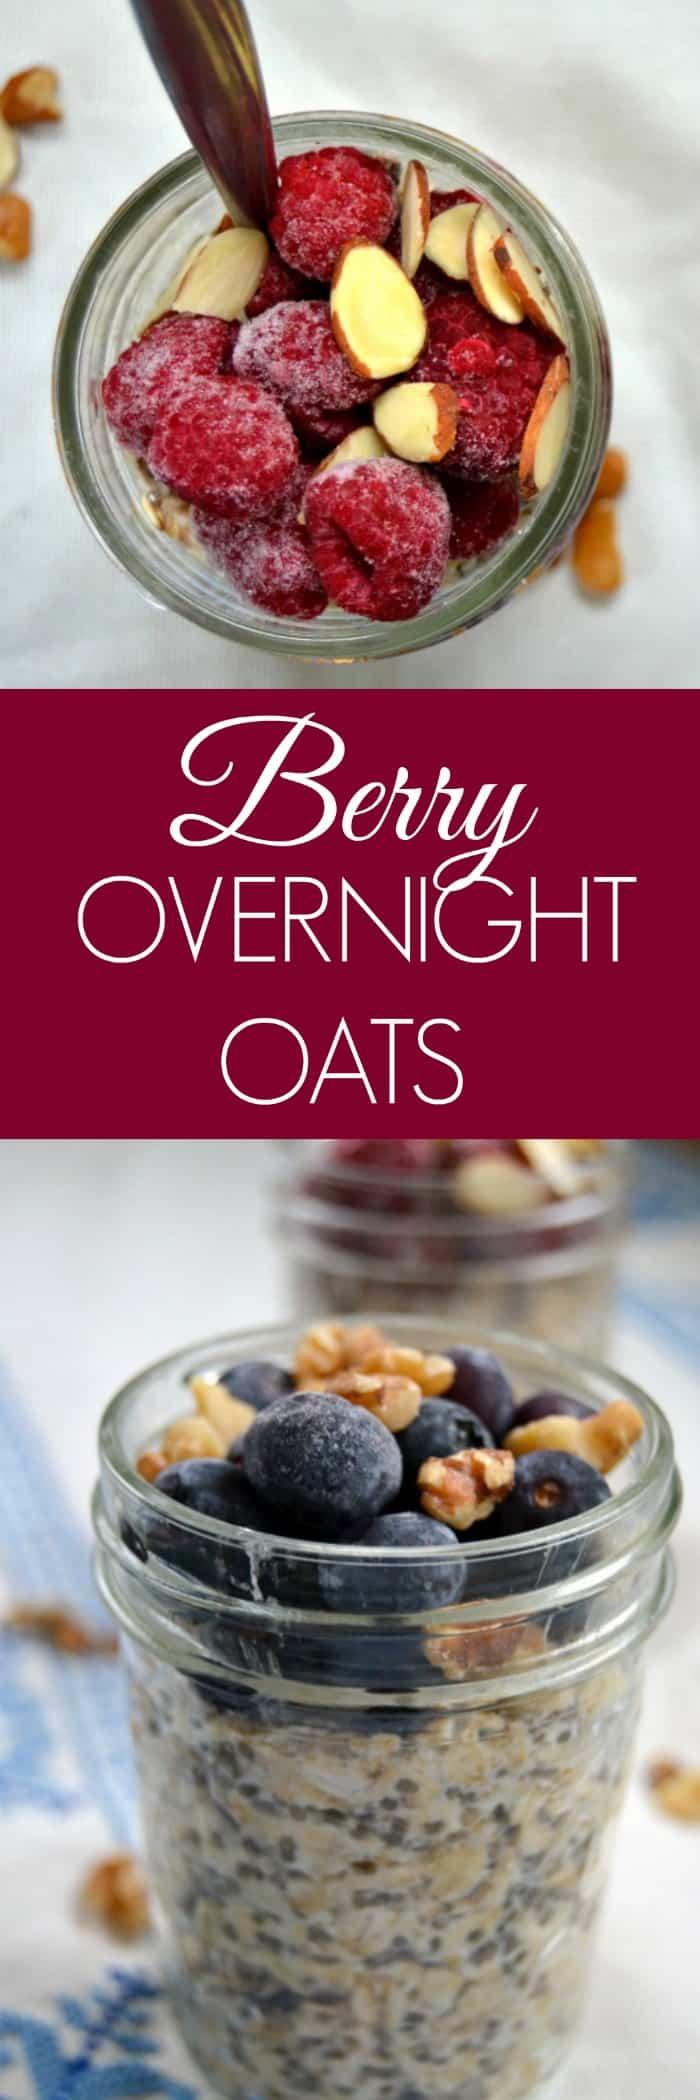 Healthy Overnight Oats Recipe -